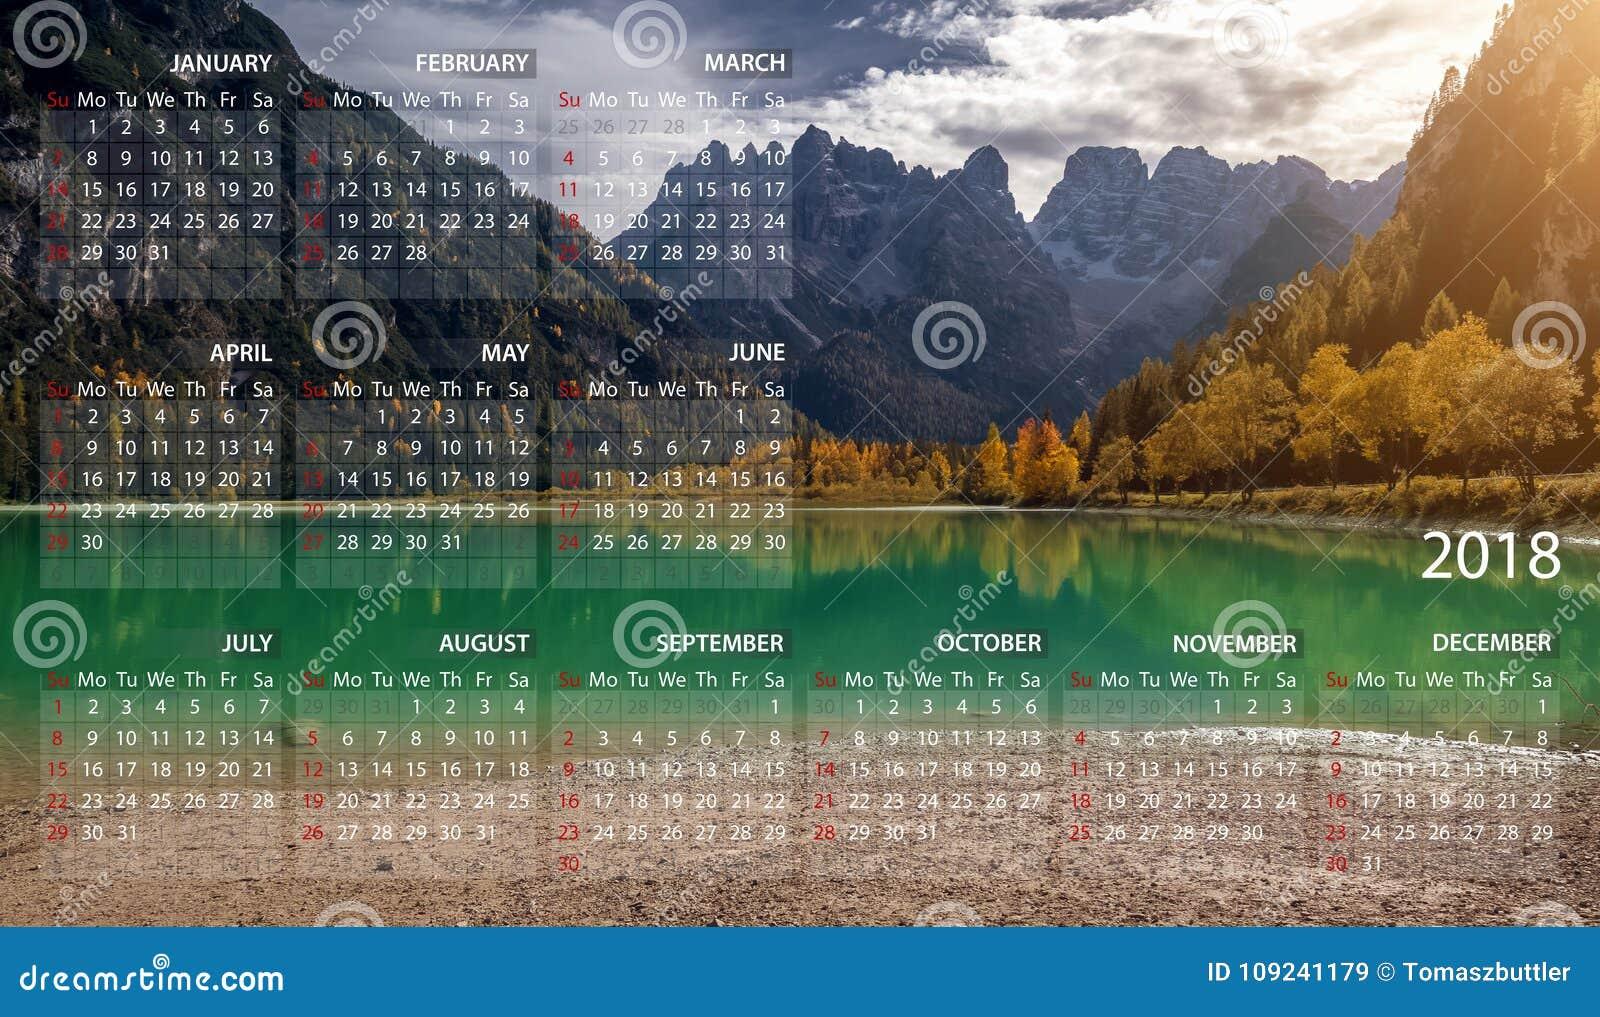 Panorama Calendario.Calendario 2018 In Inglese Inizio Di Settimana La Domenica Paesaggio